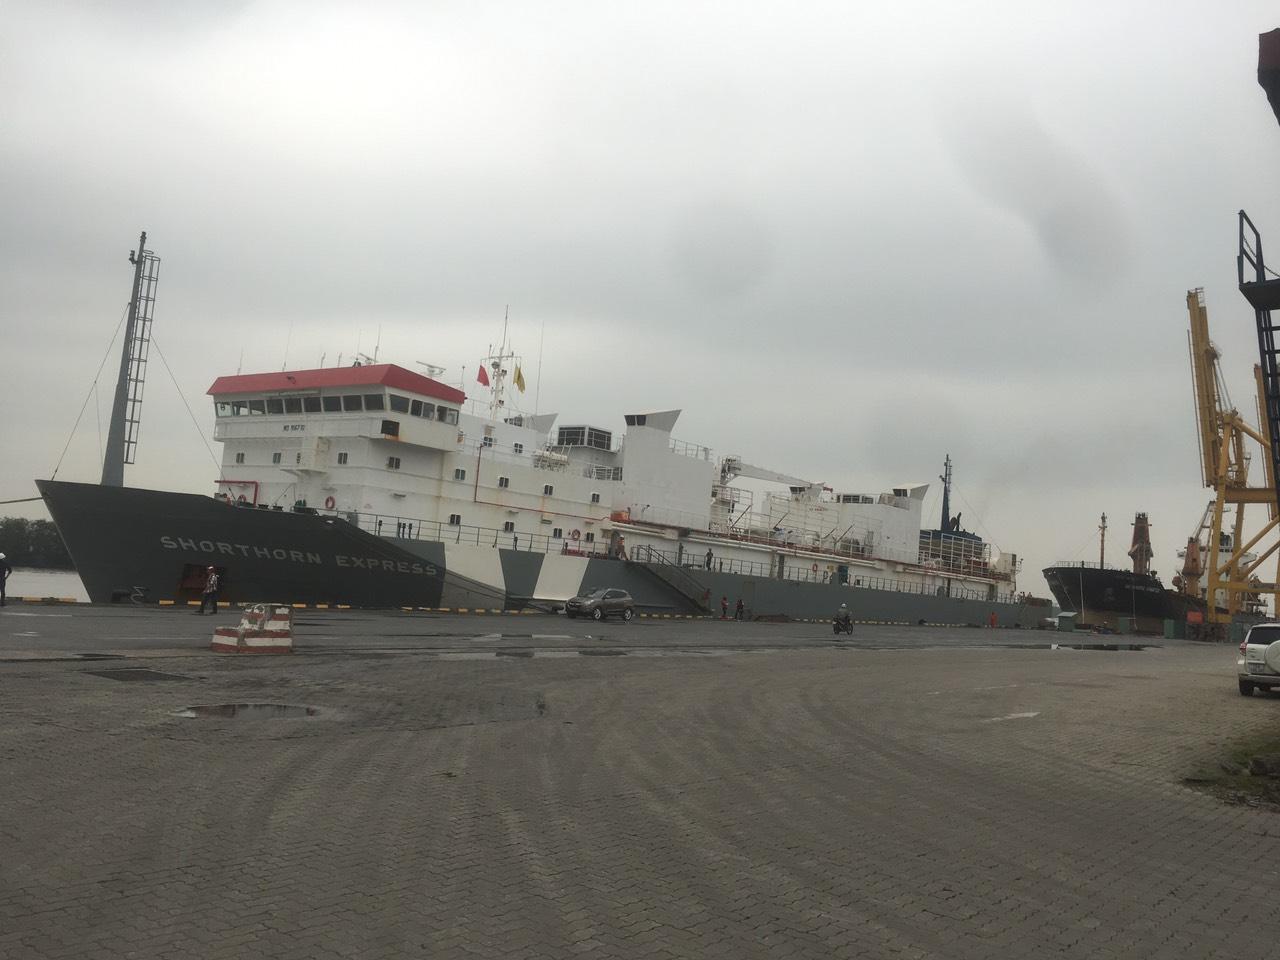 Tầu Trâu SHORTHORN EXPRESS cảng Chùa Vẽ